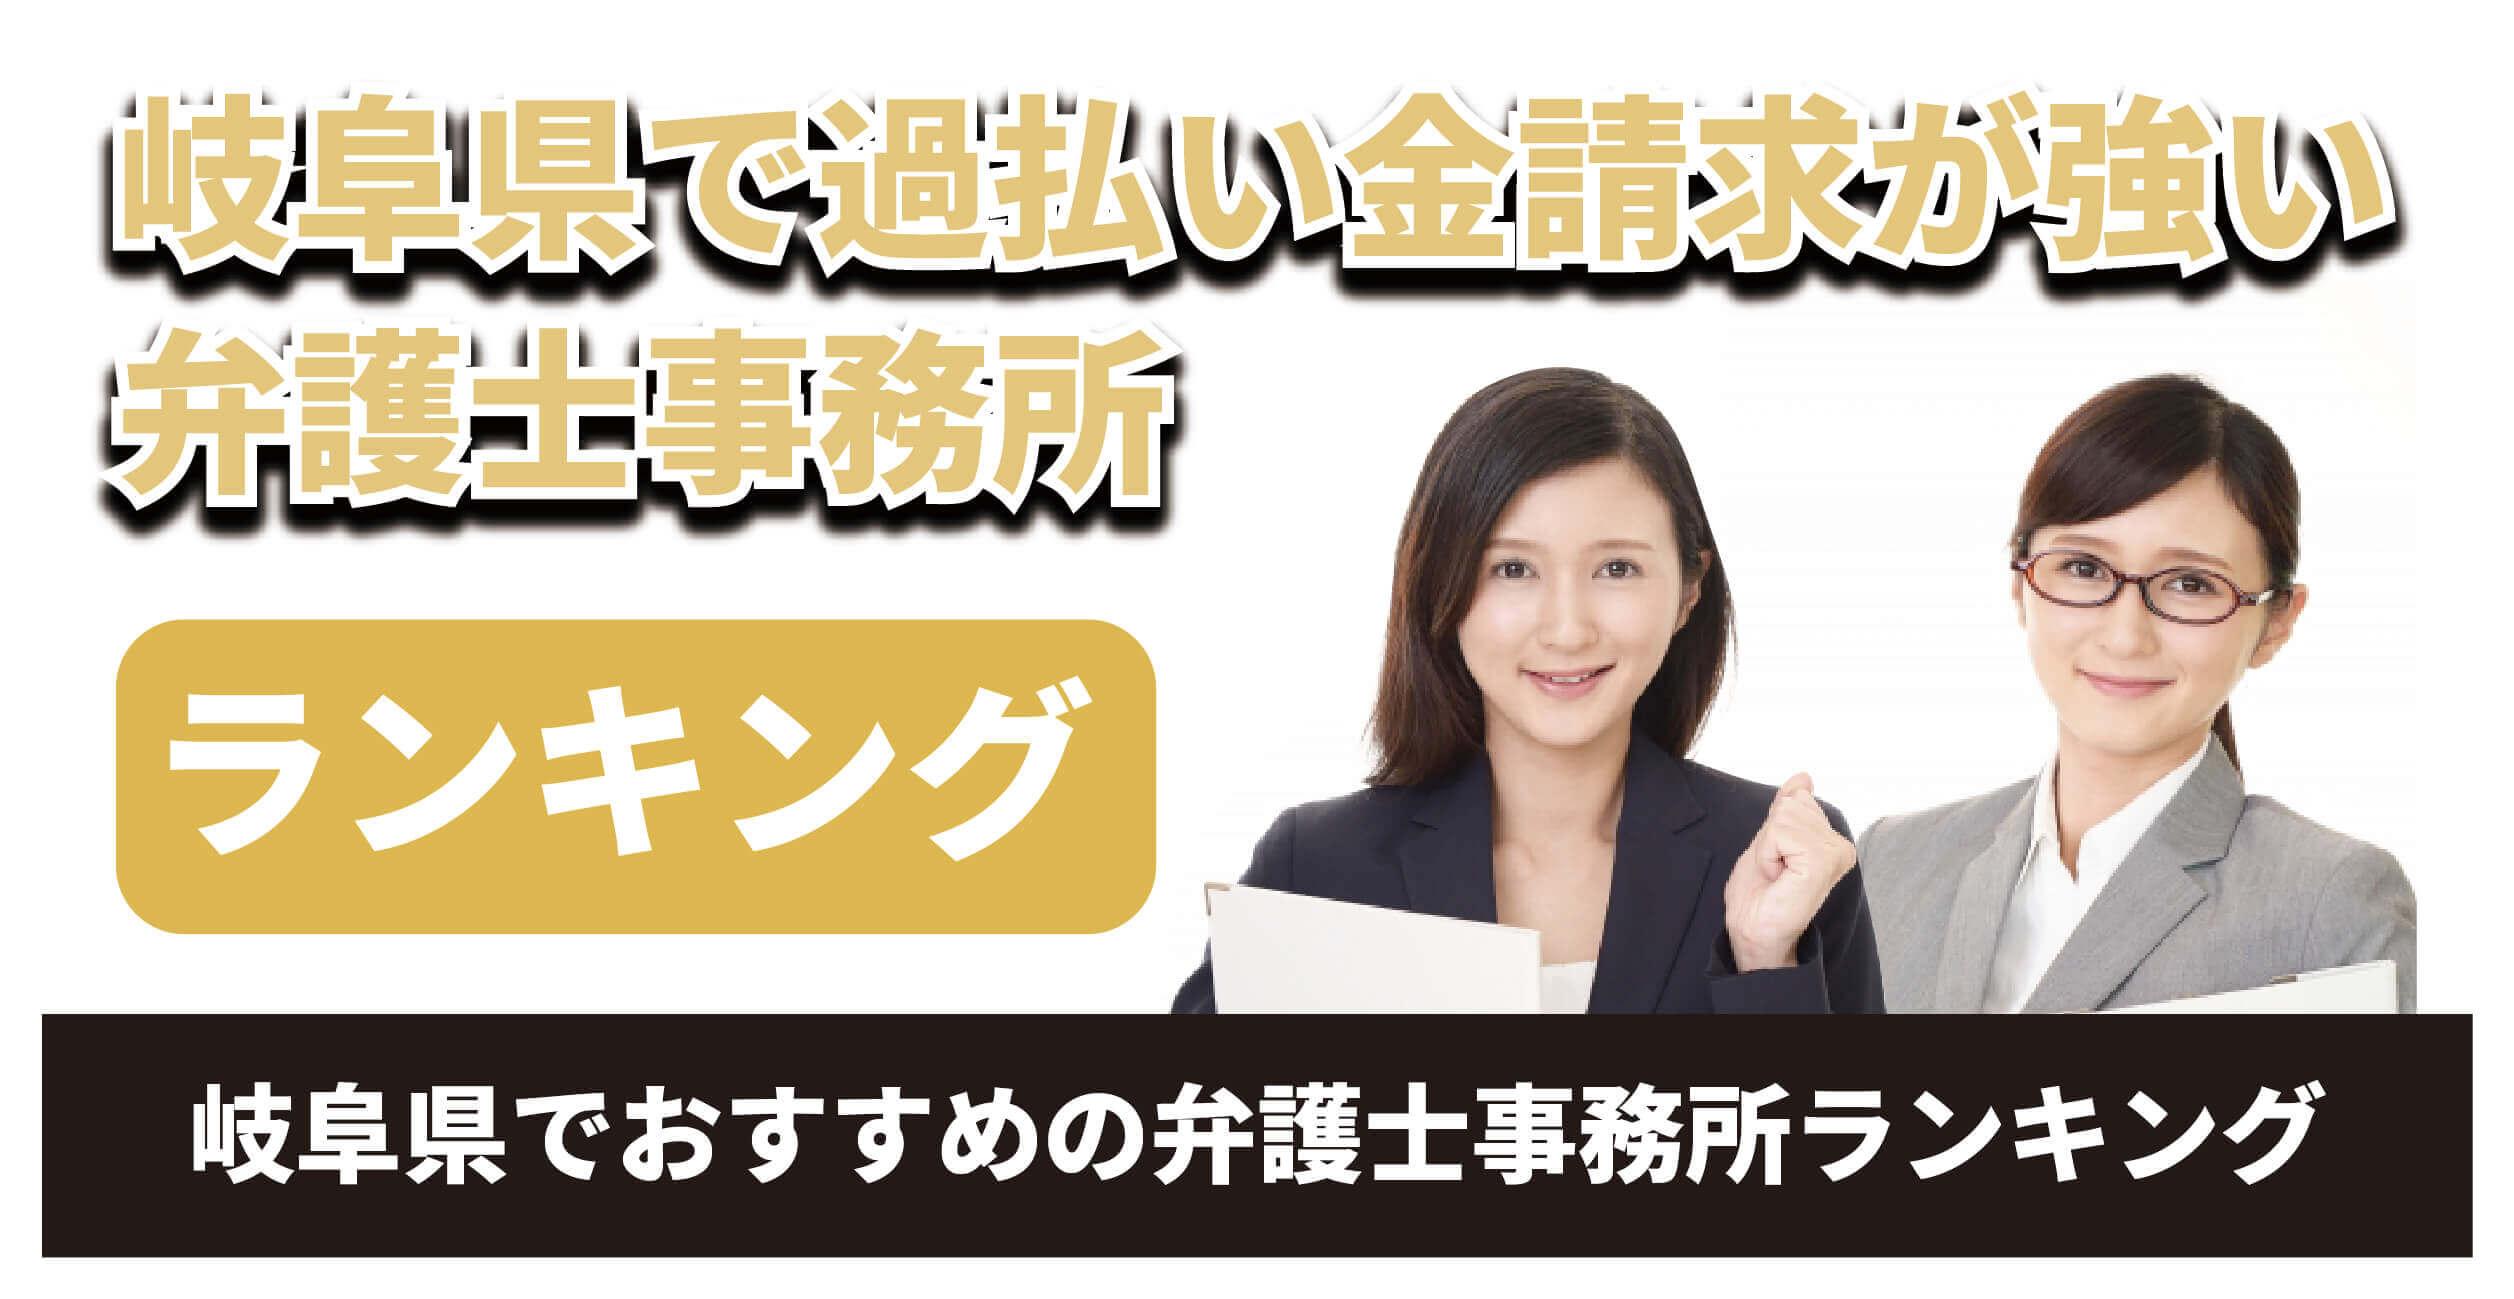 岐阜県で過払い金請求が強い弁護士は?